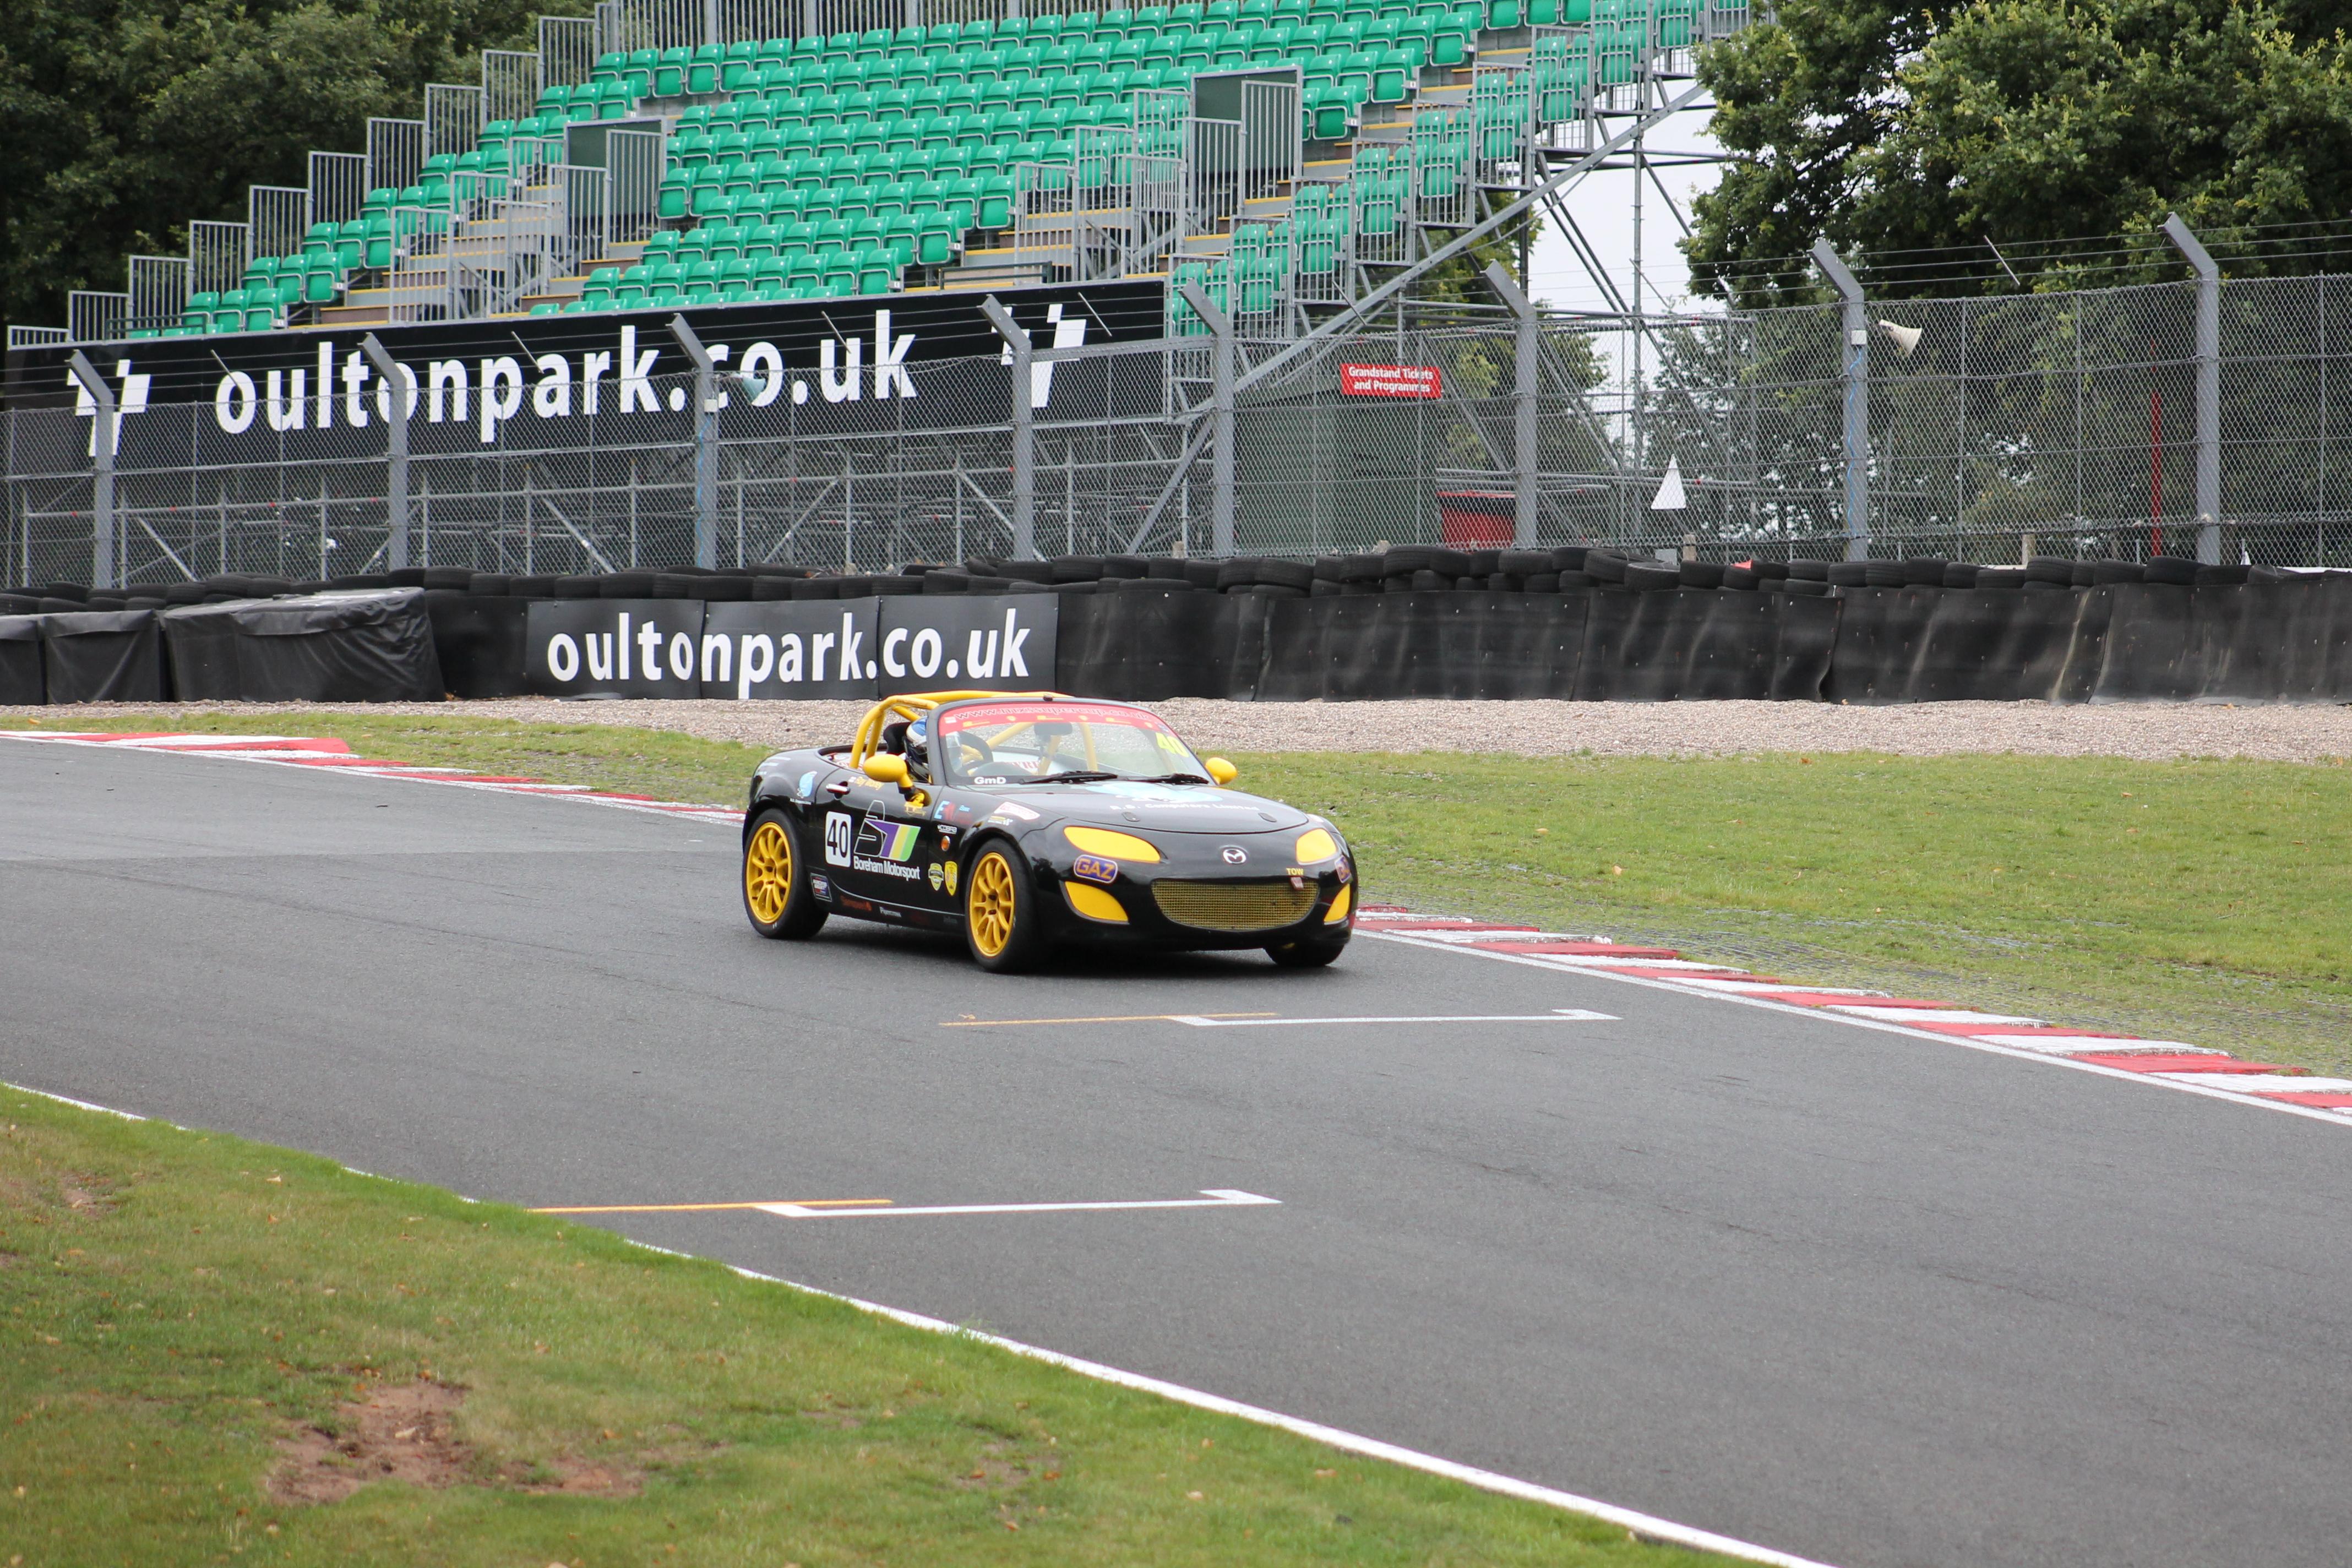 Oulton Park BRSCC MX-5 SuperCup 2015